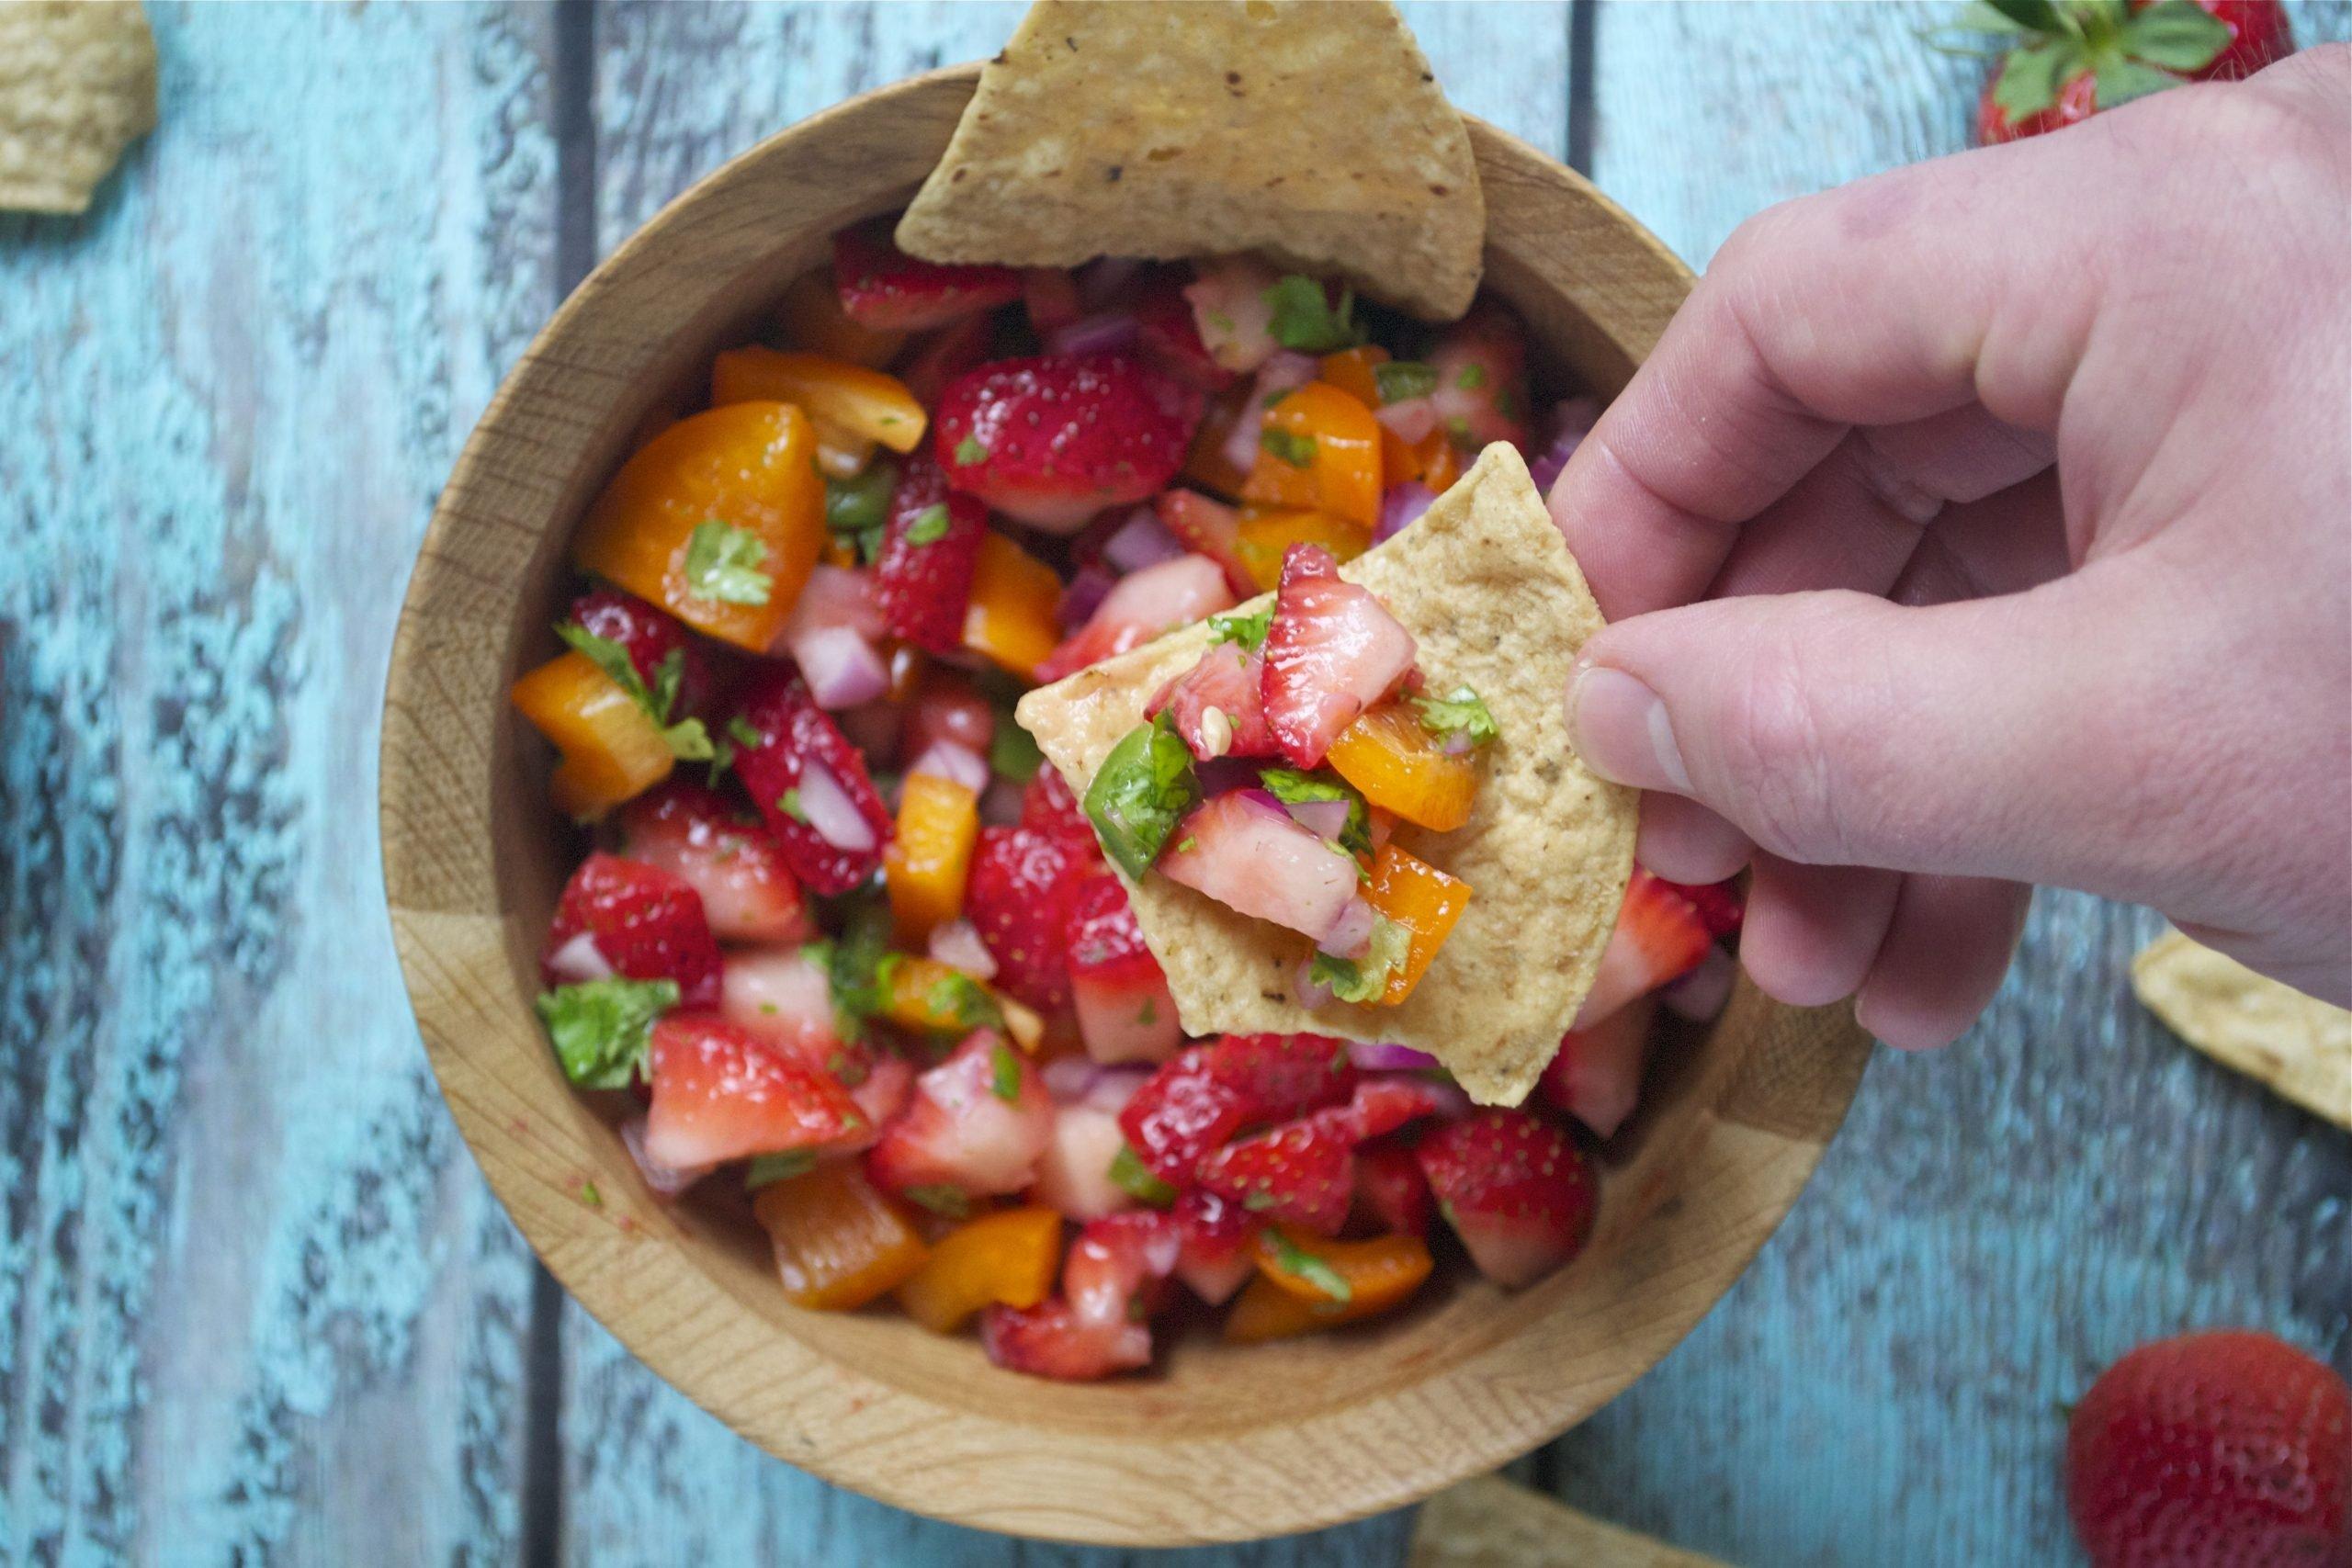 Strawberry Jalapeño Salsa (GF, DF, SF, V) - A Dash of Megnut